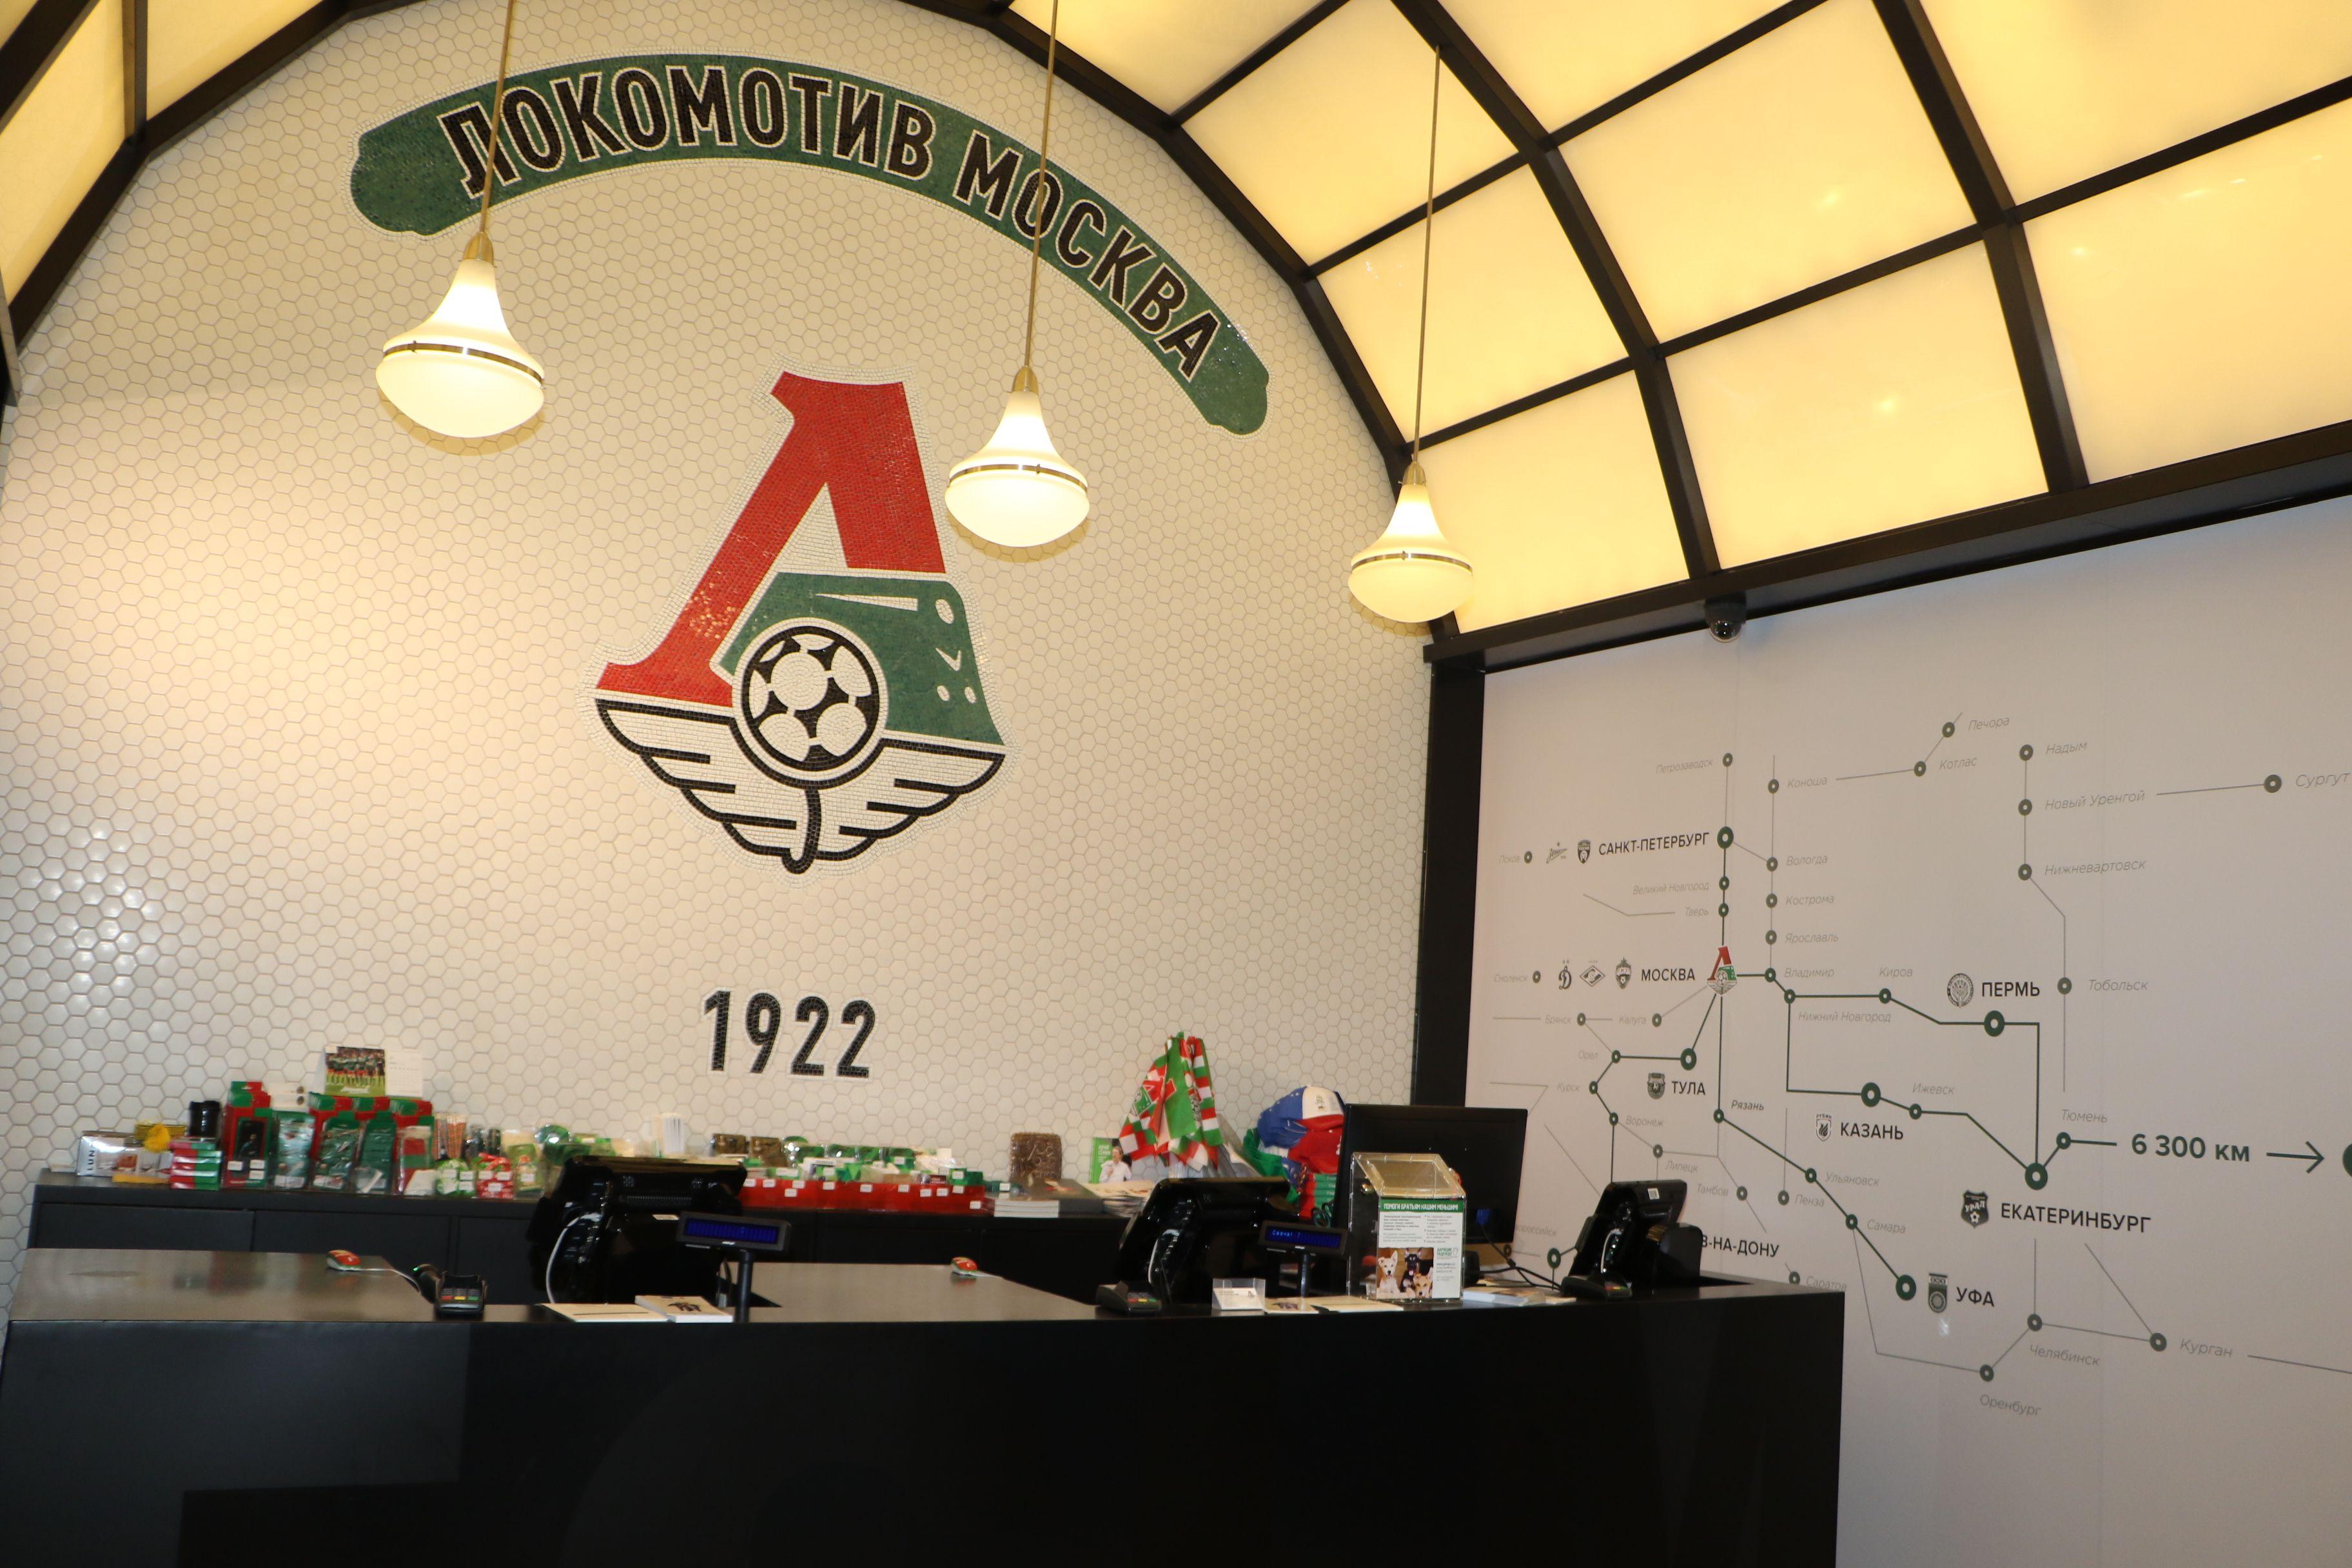 火車頭由鐵路公司擁有,由球場到Fan Shop也加入火車元素。